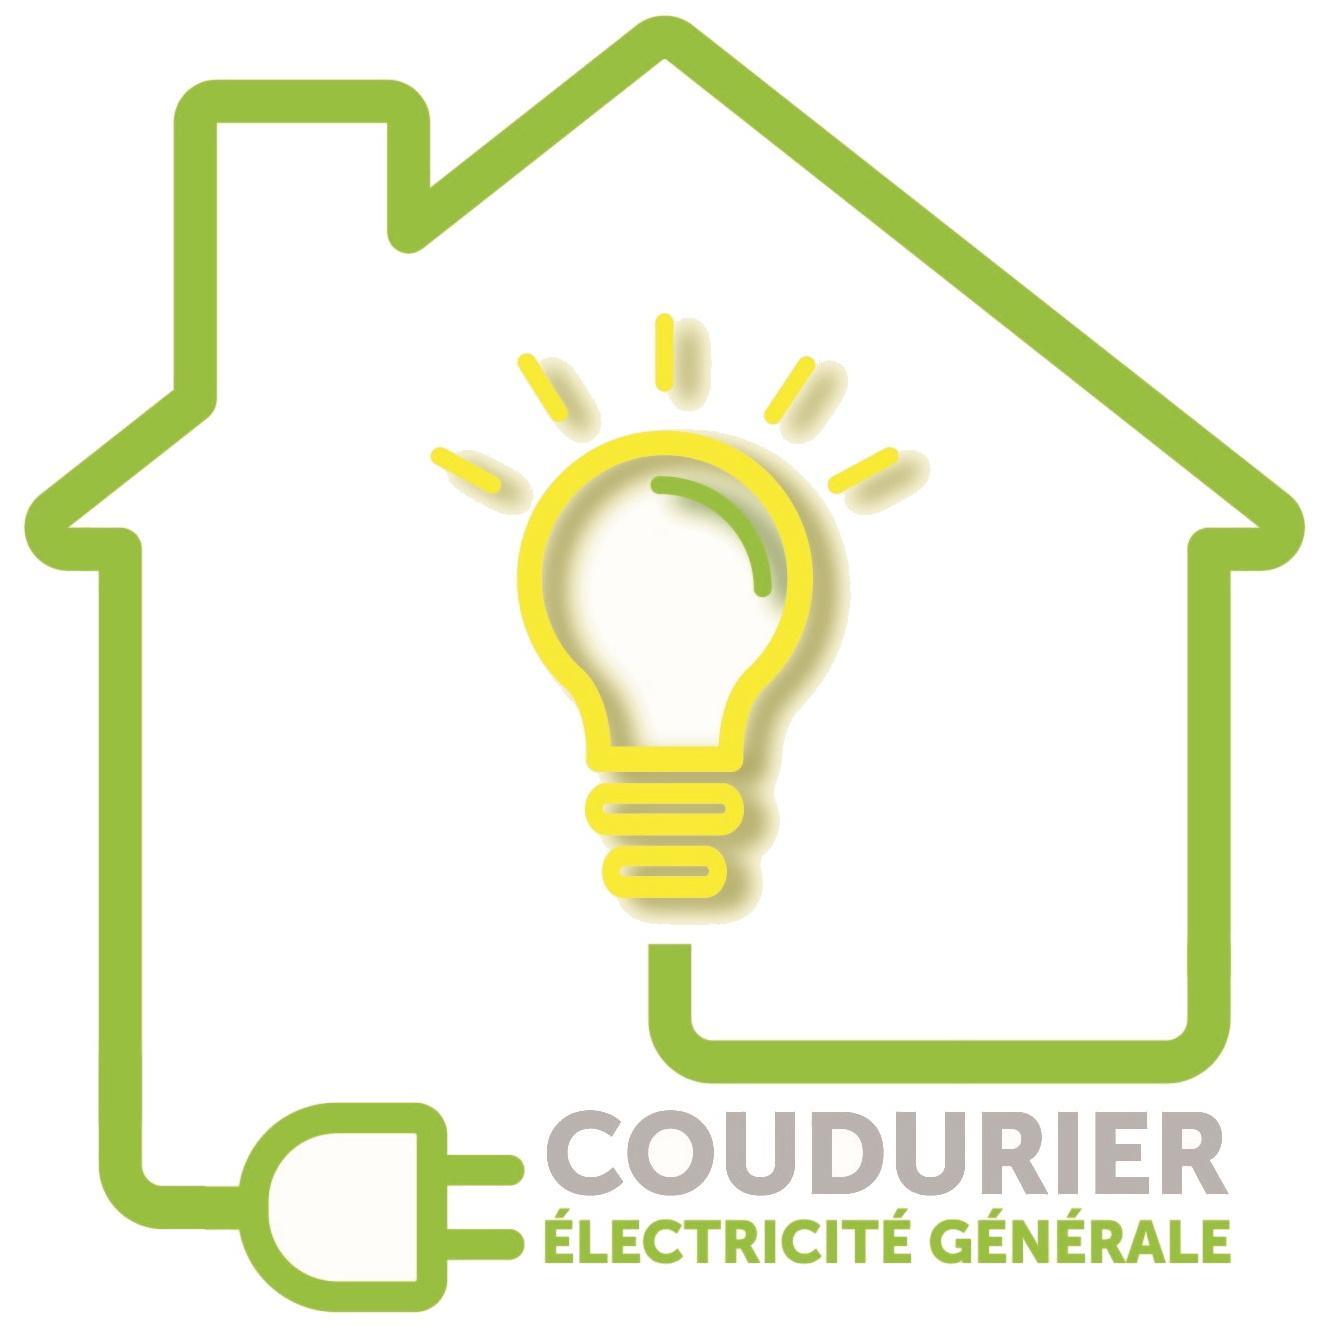 Electricité générale Coudurier